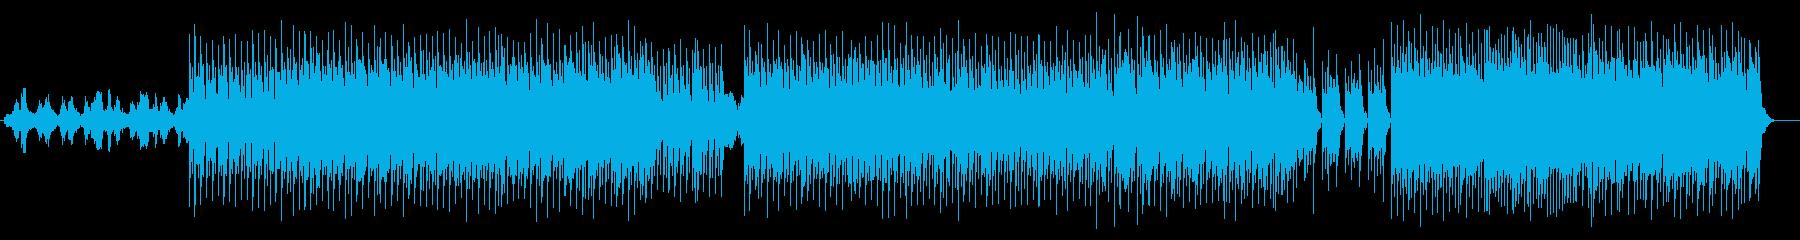 キャッチーなダンスミュージックの再生済みの波形